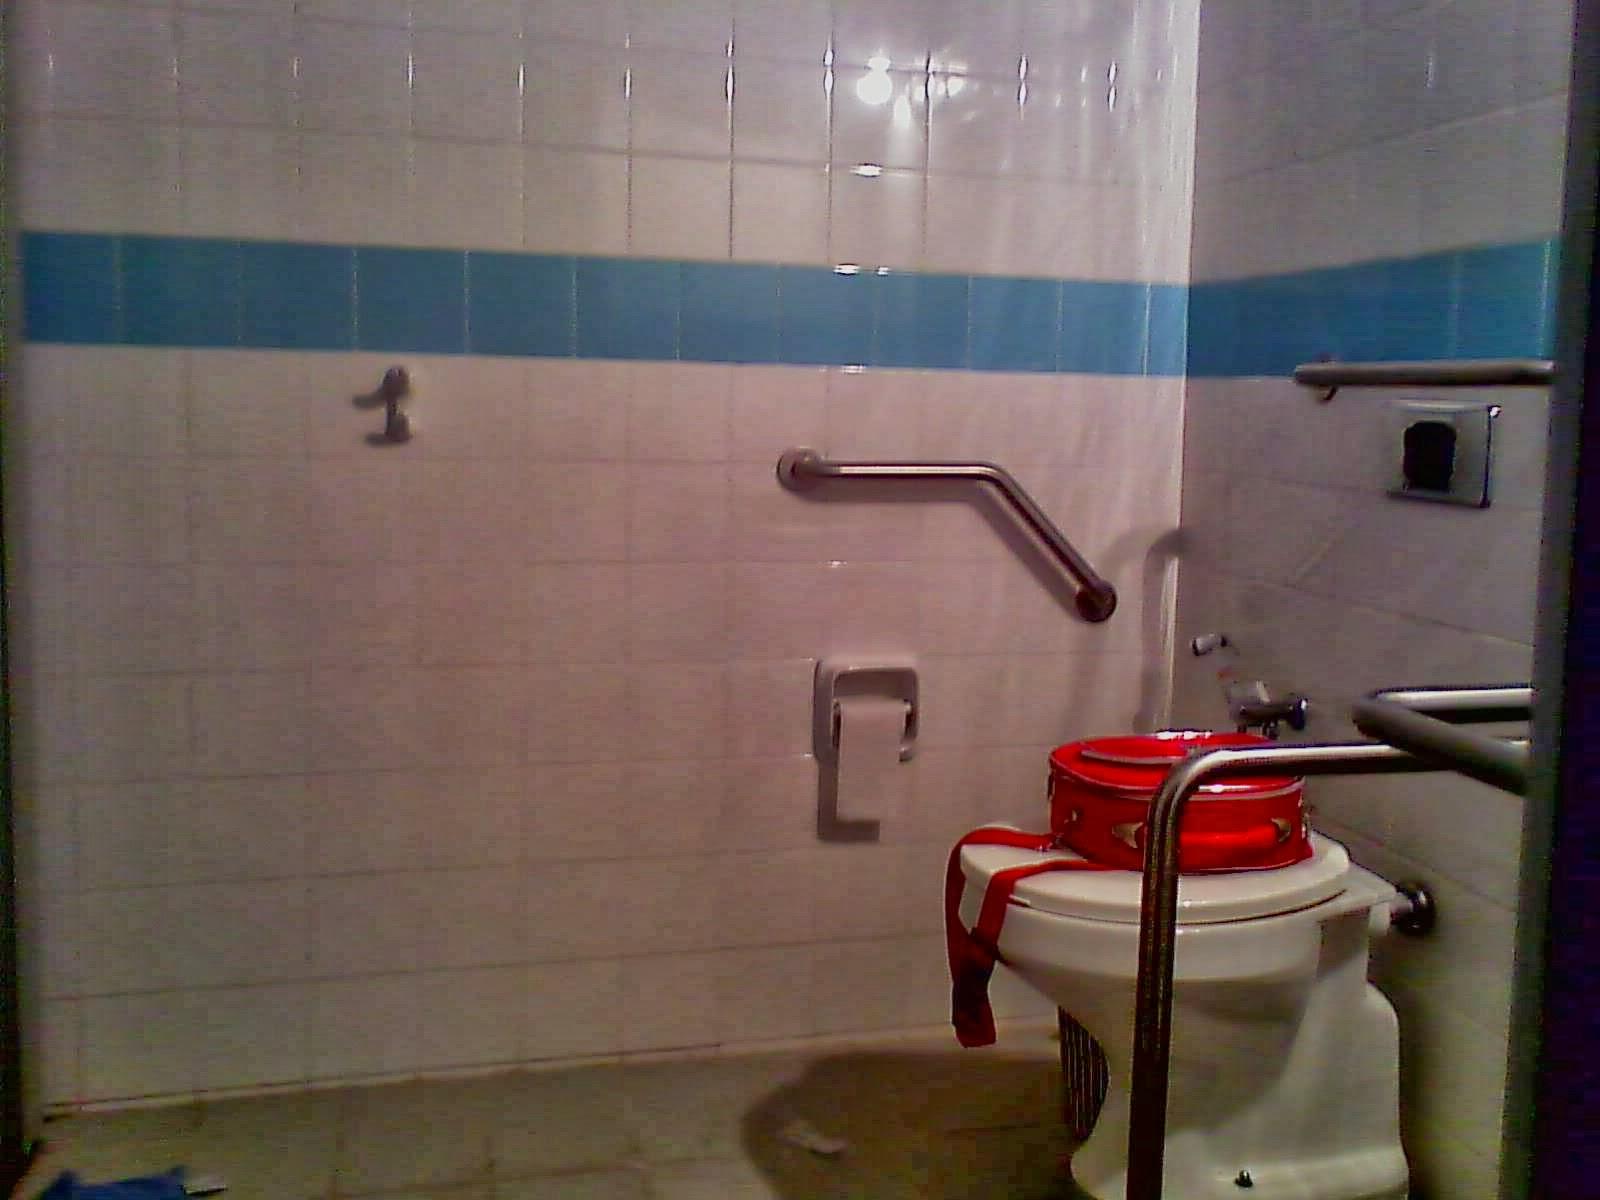 Mulher Invisível: Sesc Mineiro Grussaí #2C4A5F 1600x1200 Banheiro Cadeirante Abnt